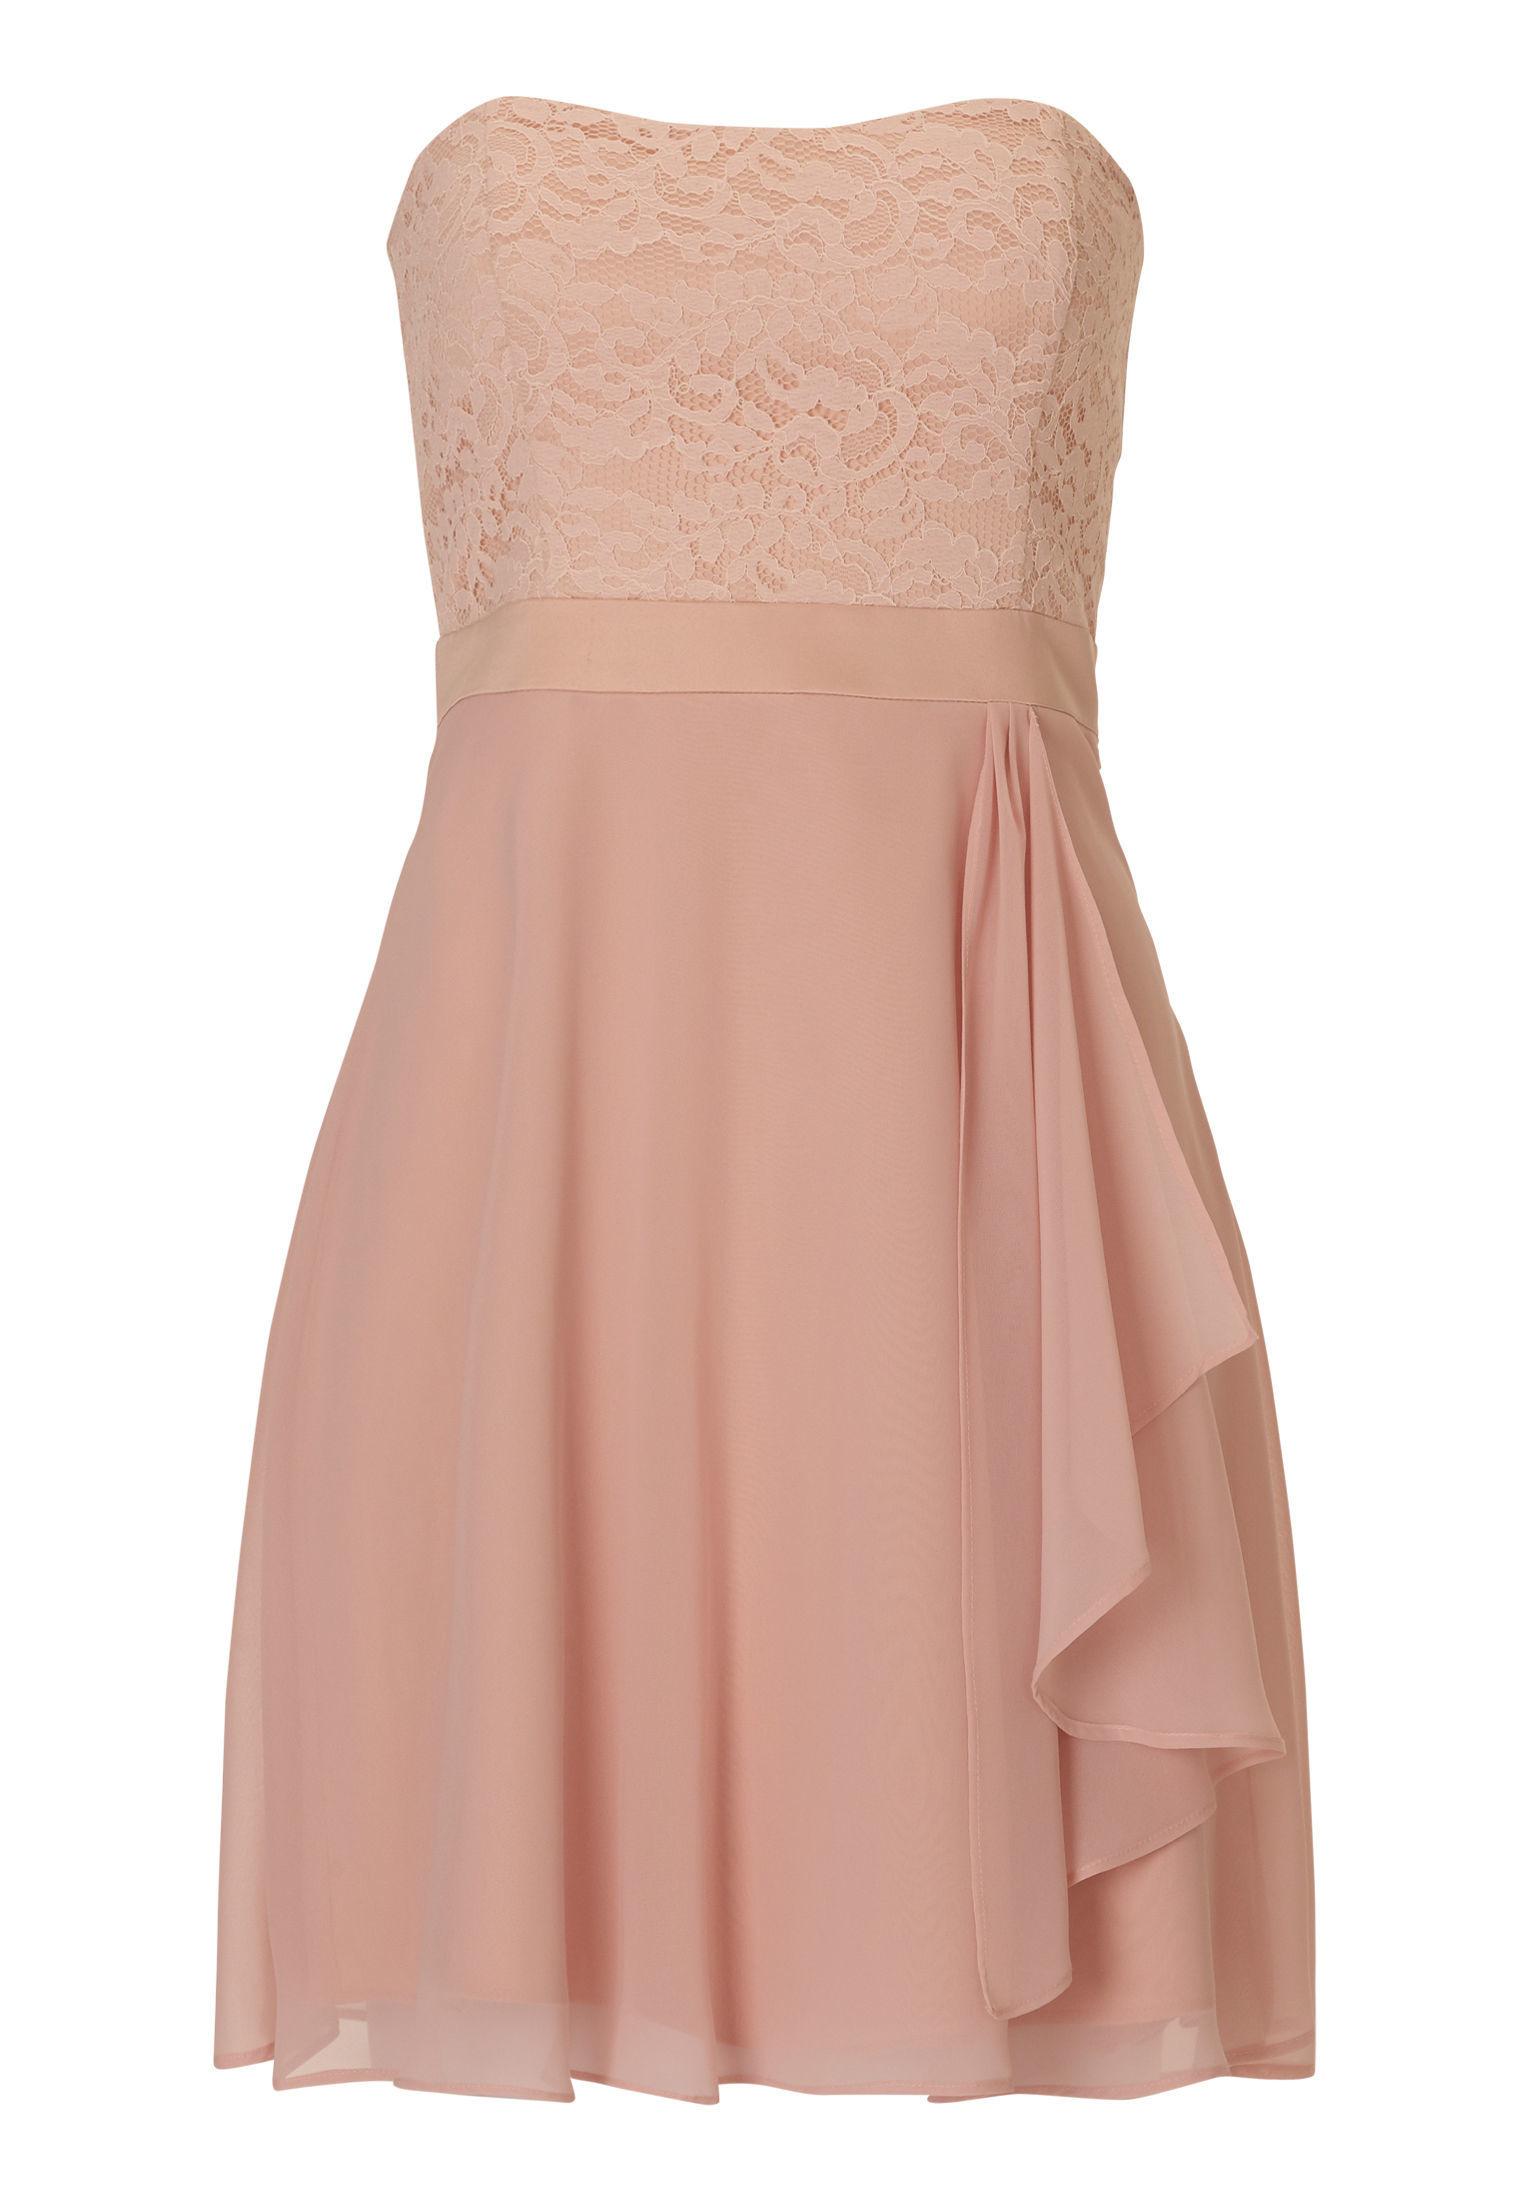 Einfach Vera Mont Abendkleid Rosa Bester Preis15 Einzigartig Vera Mont Abendkleid Rosa Stylish